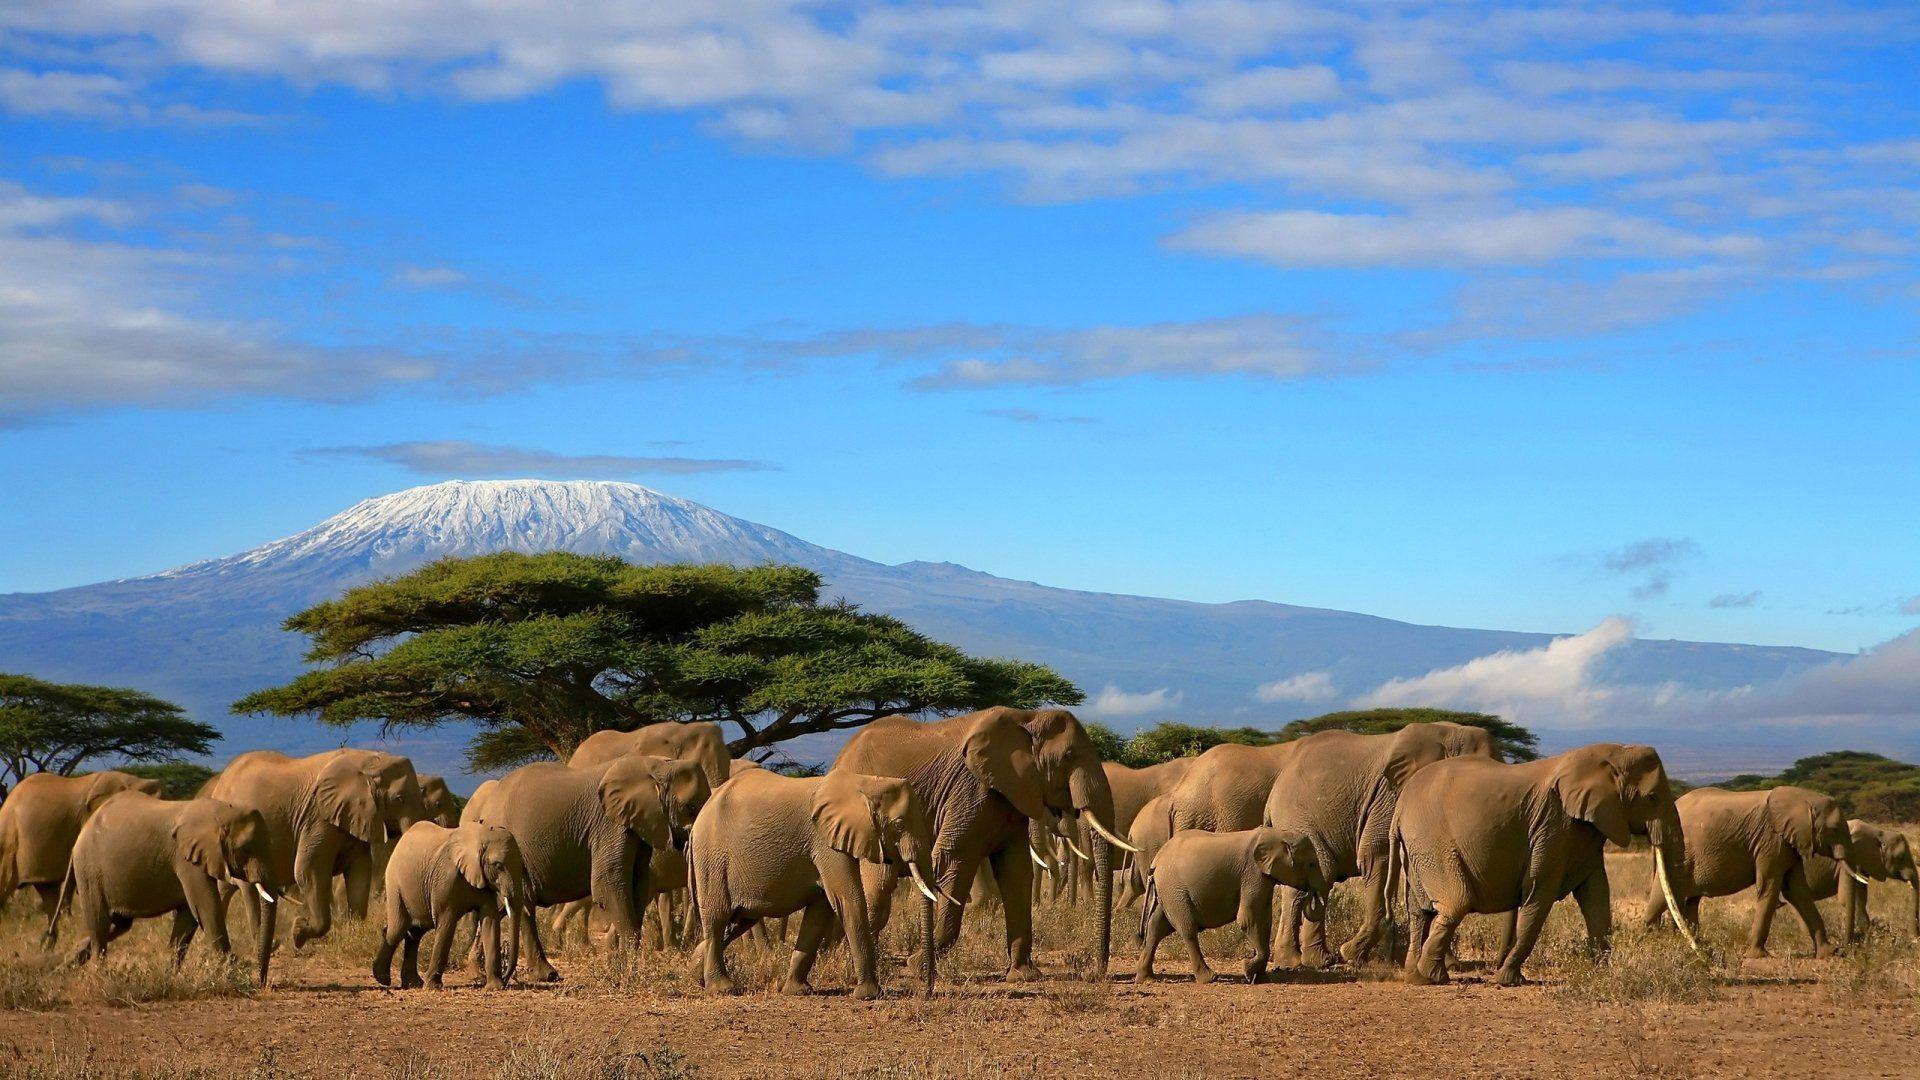 elephant backgrounds